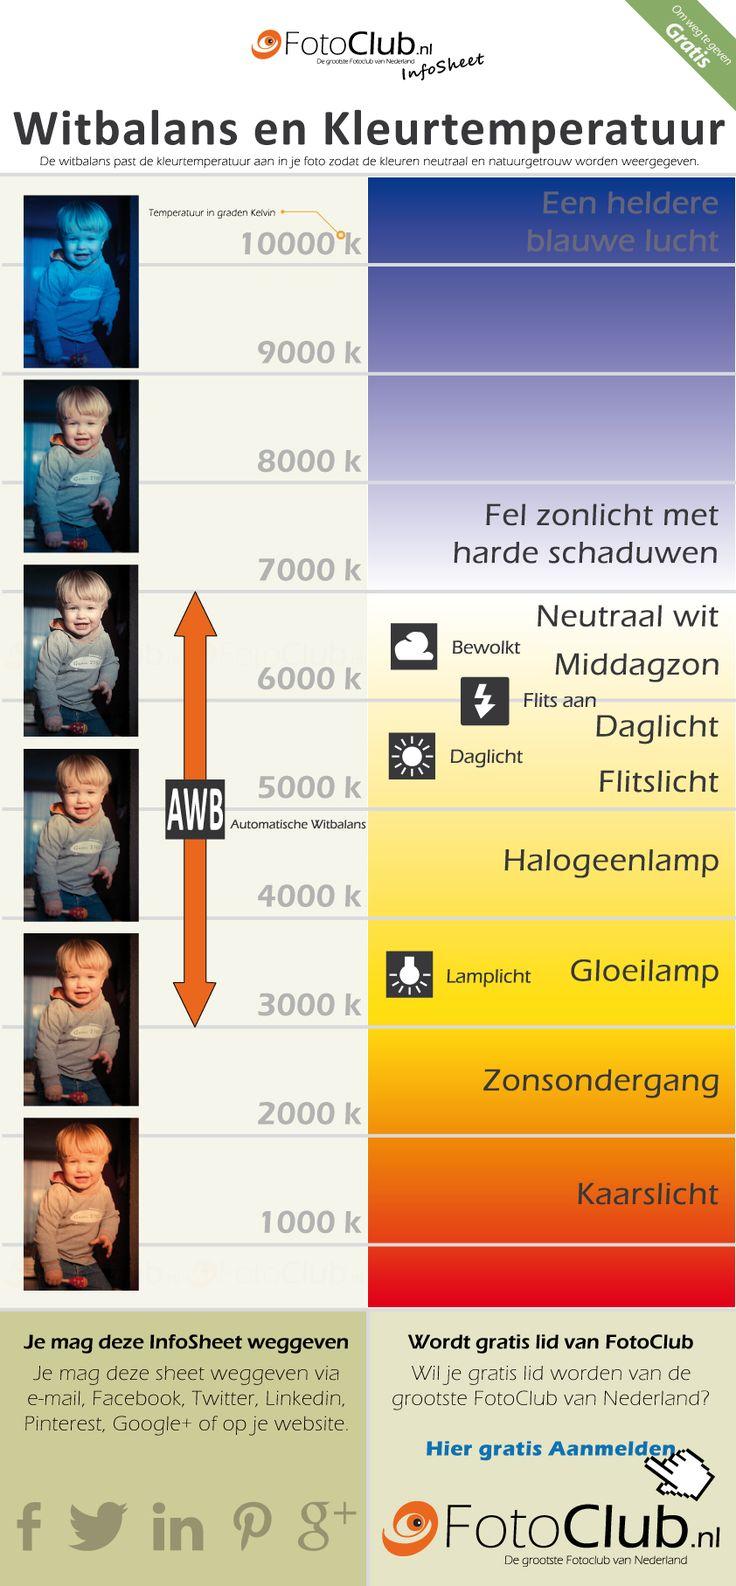 Je kan de witbalans ook per situatie apart instellen met de icoontjes zoals aangegeven in de informatiesheet (gratis downloaden) over witbalans en kleurtemperatuur.